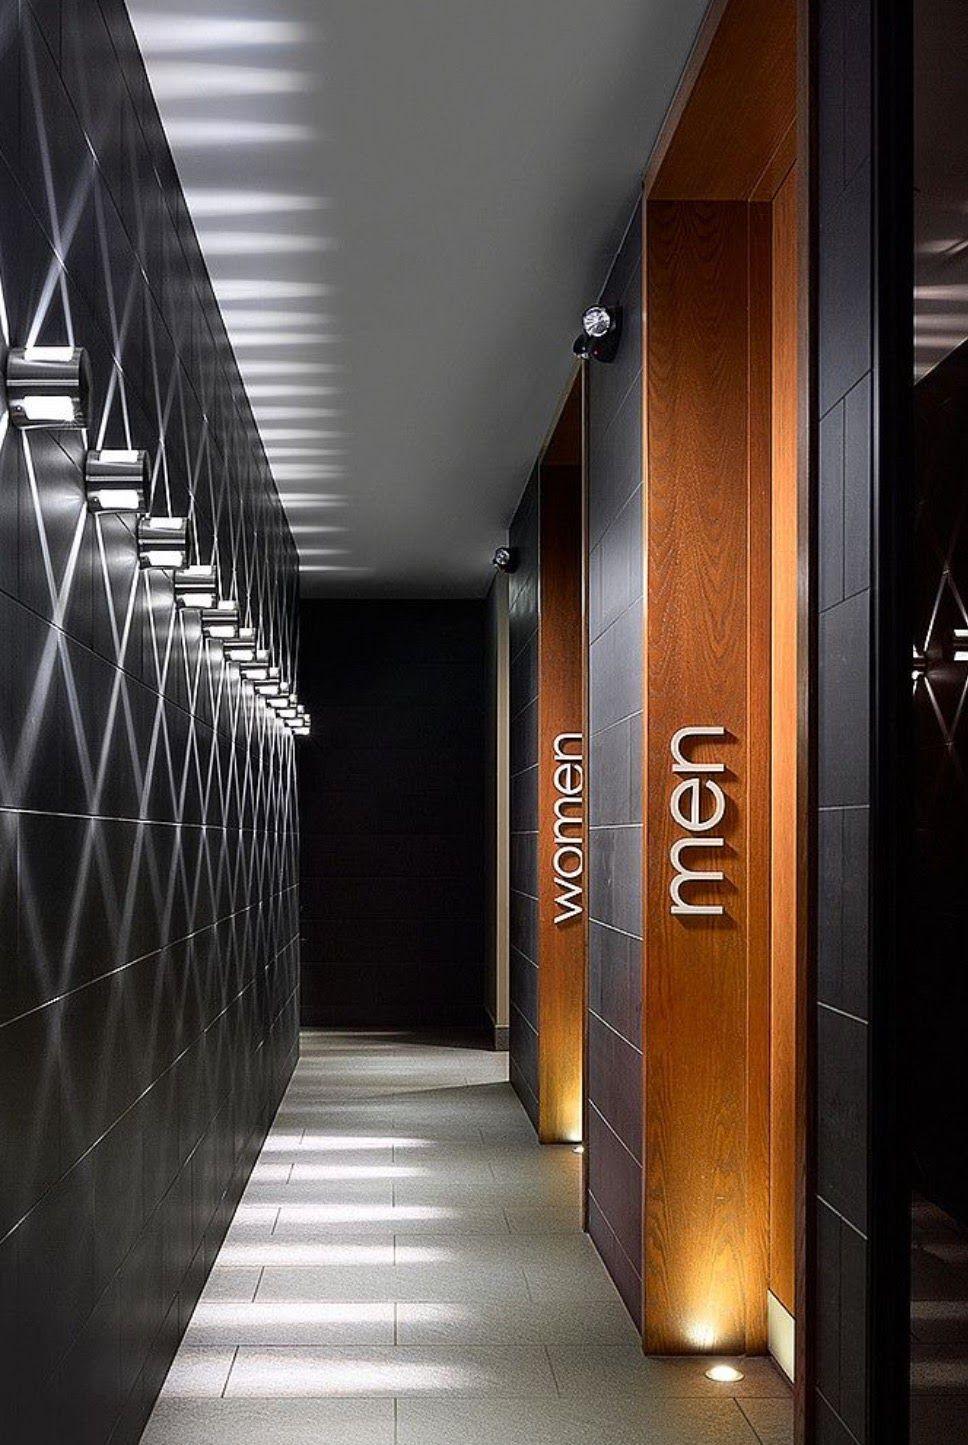 Pin By Pa Ancho Lo Pez On Macova Construcciones S A In 2020 Trendy Bathroom Designs Door Design Modern Door Design